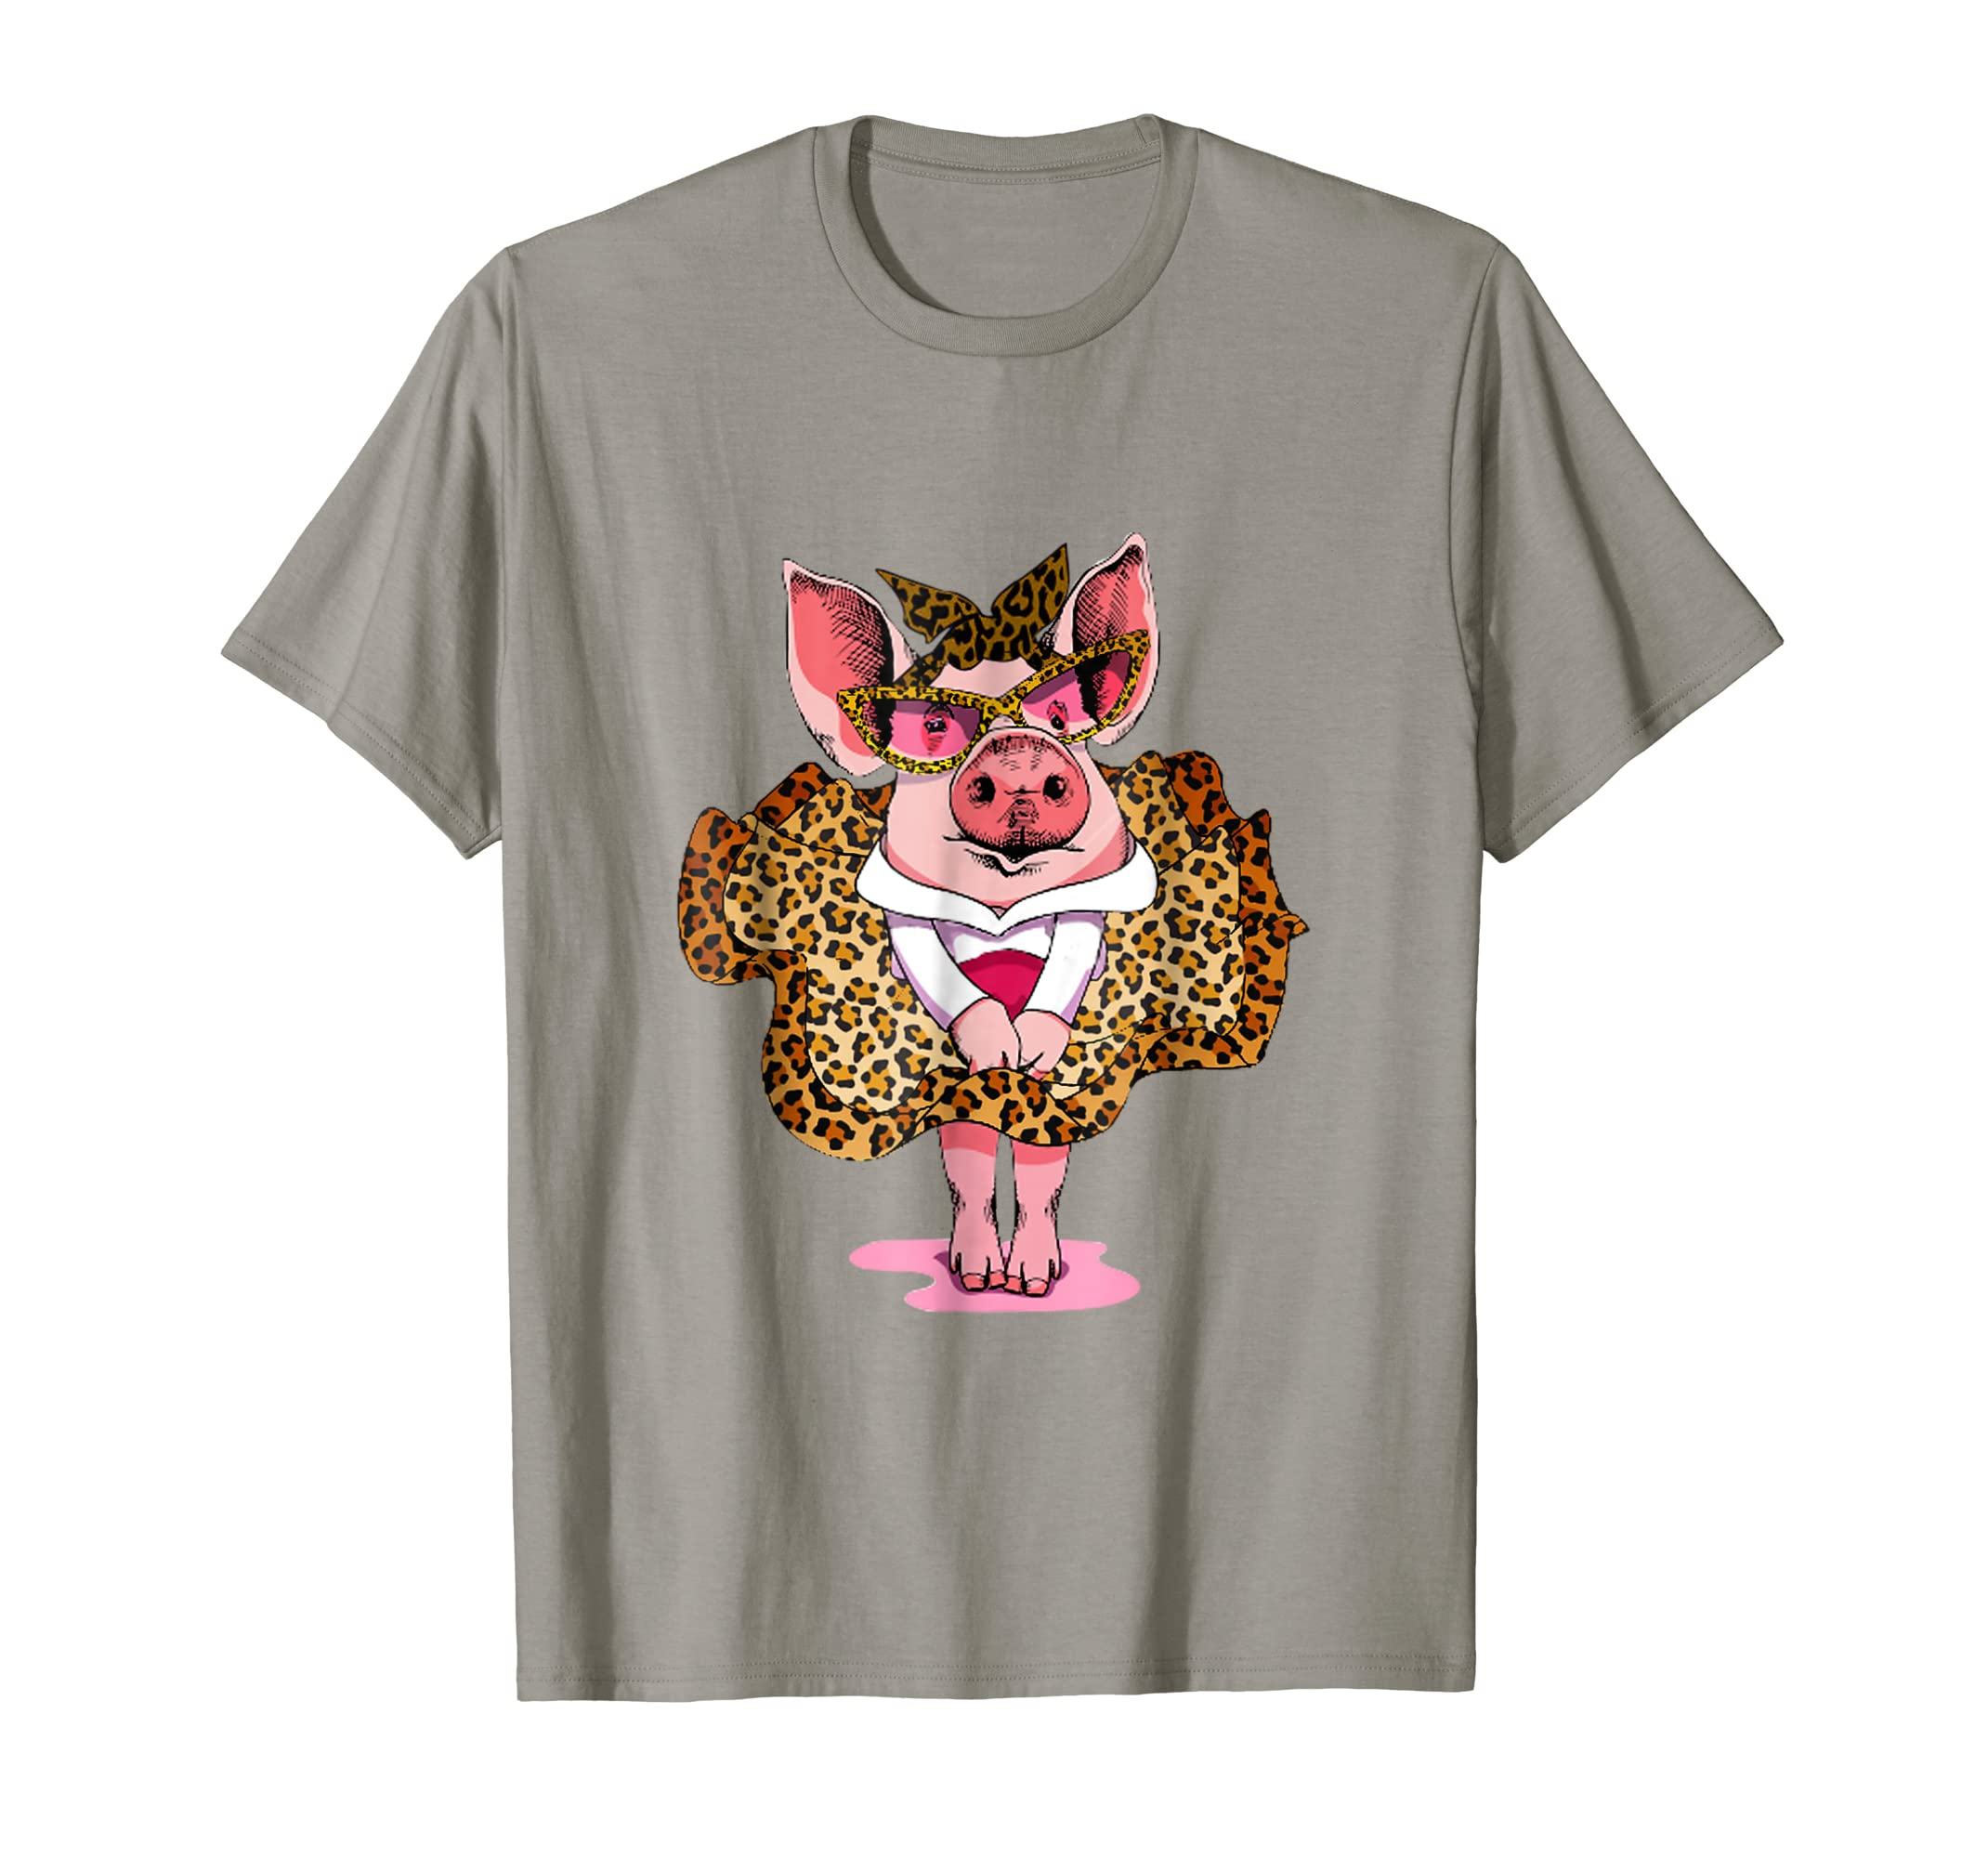 Pink pig bandana leopard and leopard skirt cute t-shirt-AZP